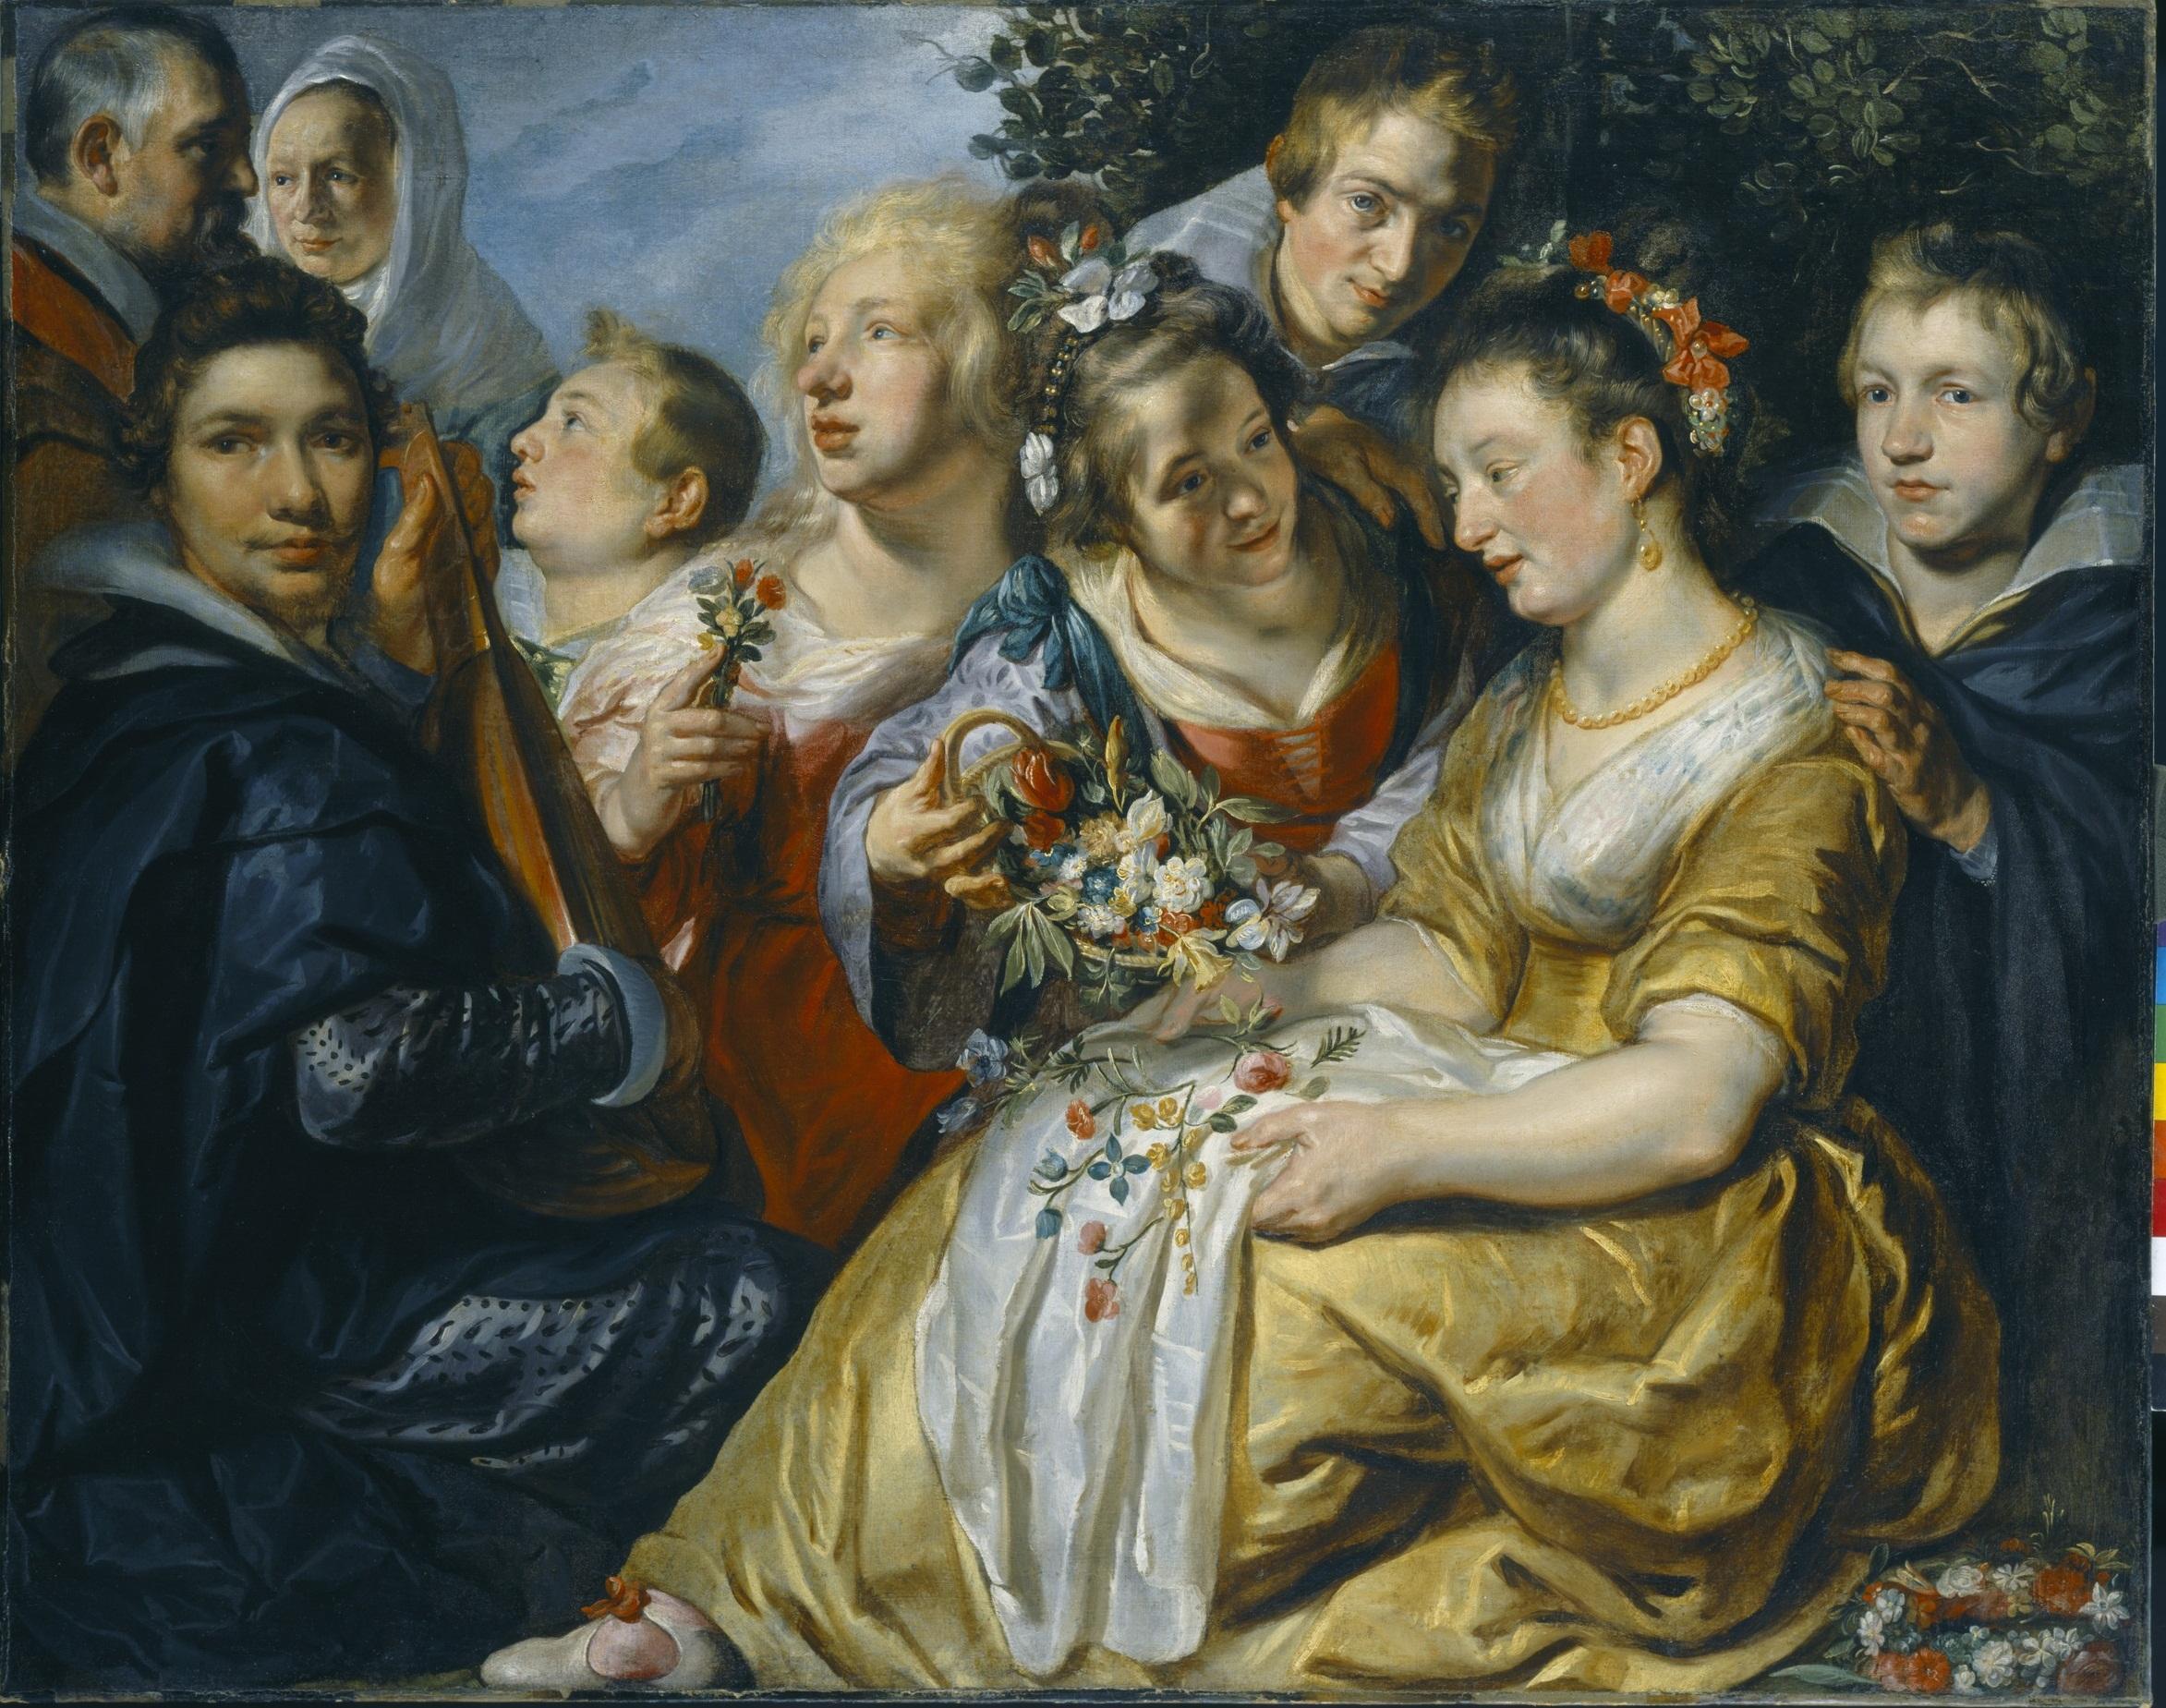 Jacob Jordaens (1593-1678), Self Portrait with the Family of Adam van Noort, ca. 1615-16, Staatliche Gemäldegalerie, Kassel© Museumlandschaft Hessen Kassel